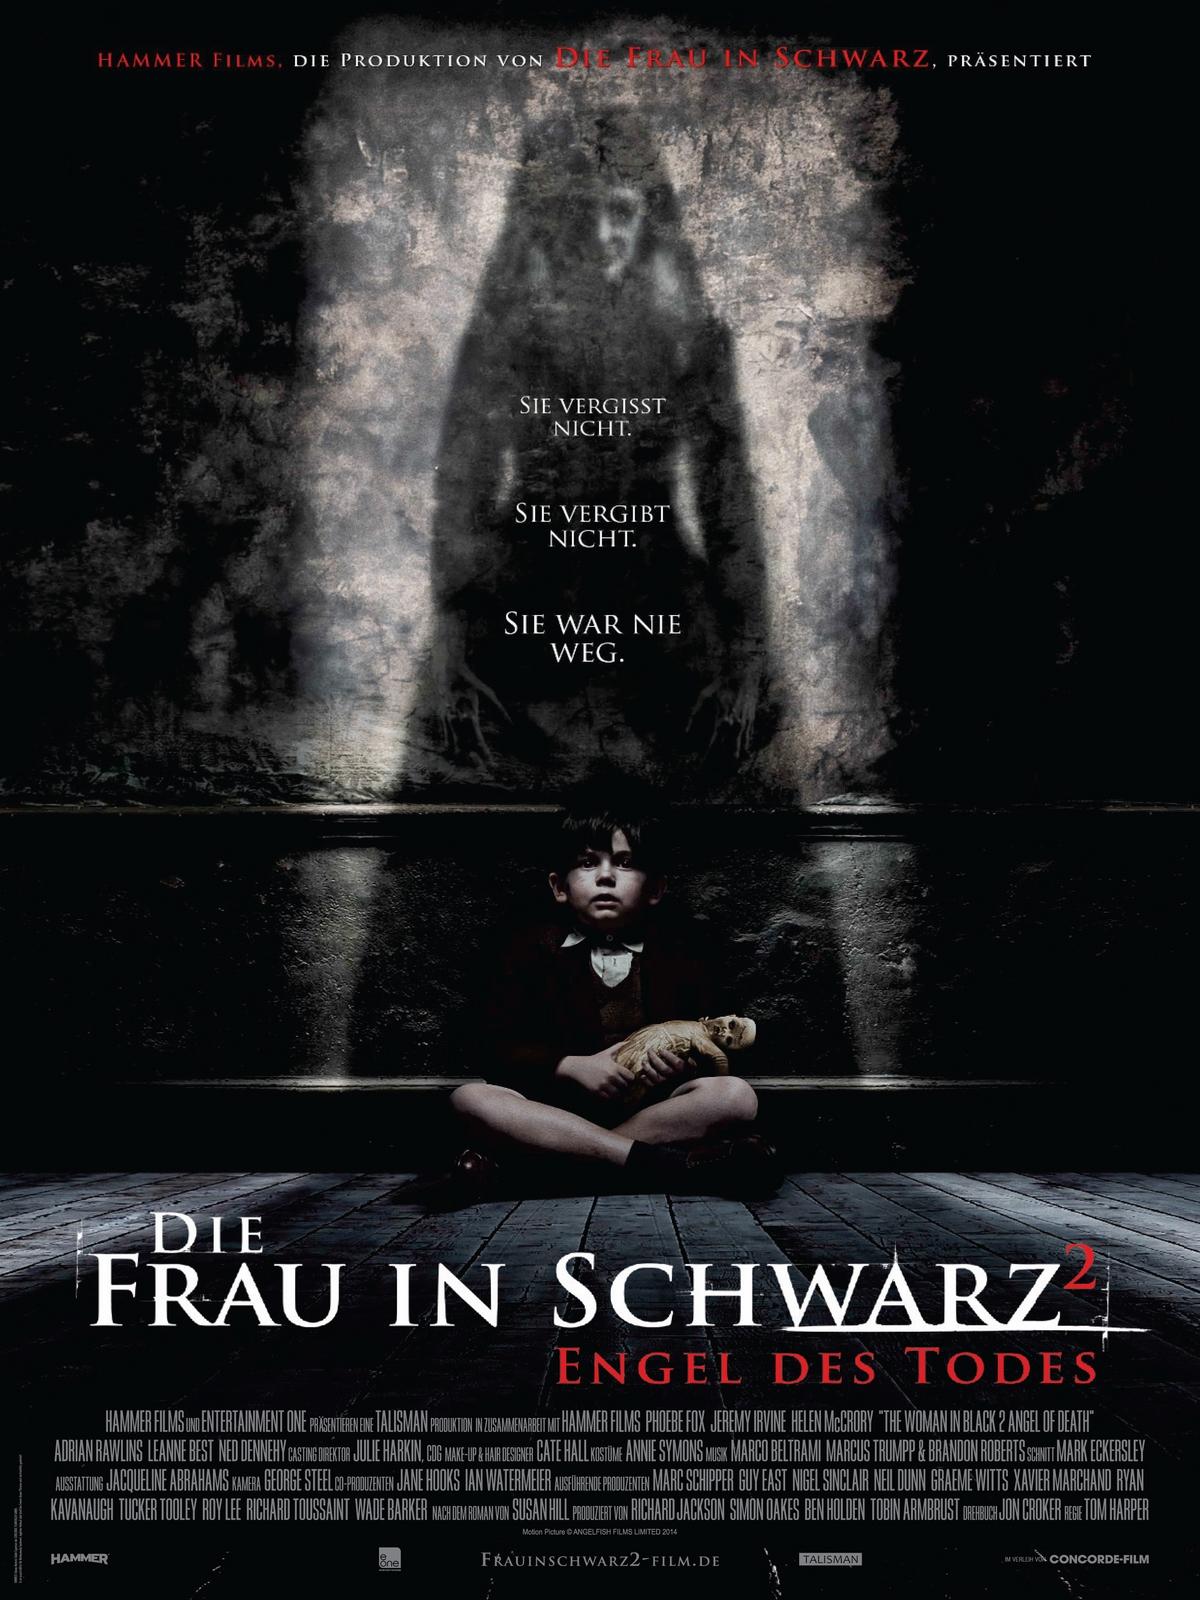 Die Frau In Schwarz 2 Trailer German